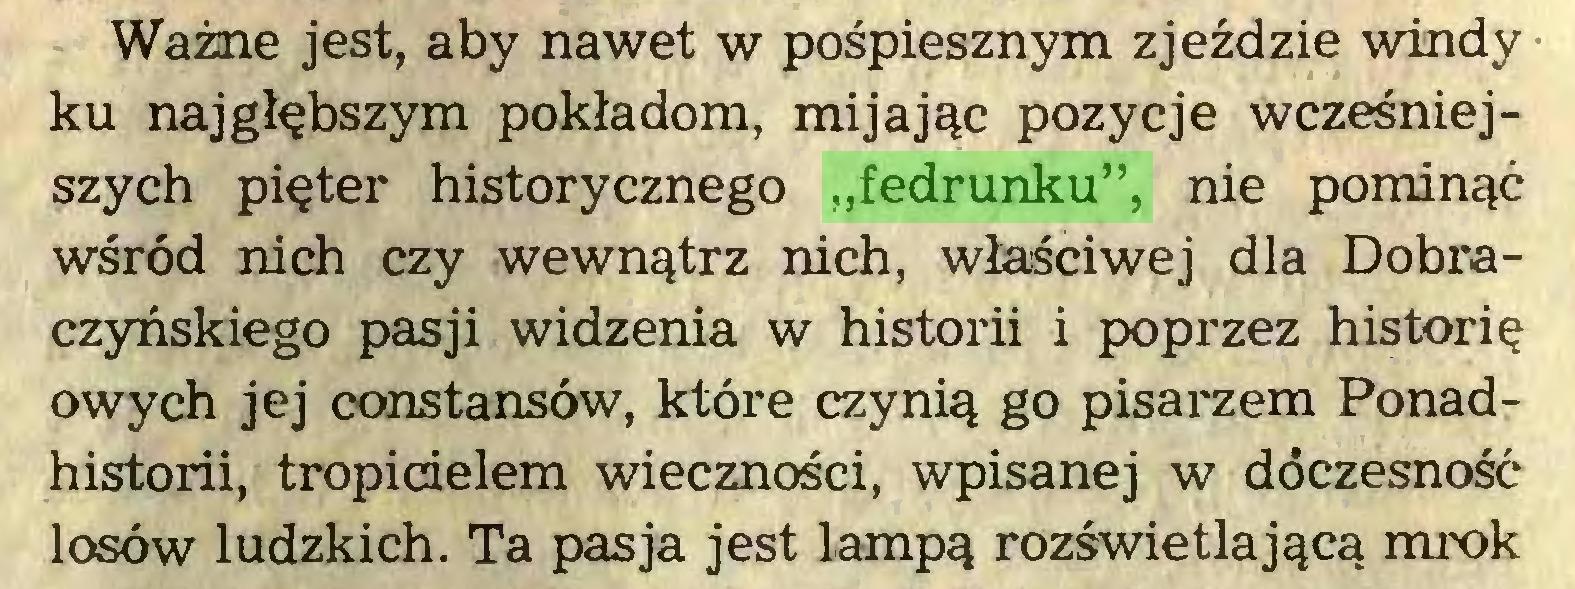 """(...) Ważne jest, aby nawet w pośpiesznym zjeździe windy ku najgłębszym pokładom, mijając pozycje wcześniejszych pięter historycznego """"fedrunku"""", nie pominąć wśród nich czy wewnątrz nich, właściwej dla Dobraczyńskiego pasji widzenia w historii i poprzez historię owych jej constansów, które czynią go pisarzem Ponadhistorii, tropicielem wieczności, wpisanej w dóczesność losów ludzkich. Ta pasja jest lampą rozświetlającą mrok..."""